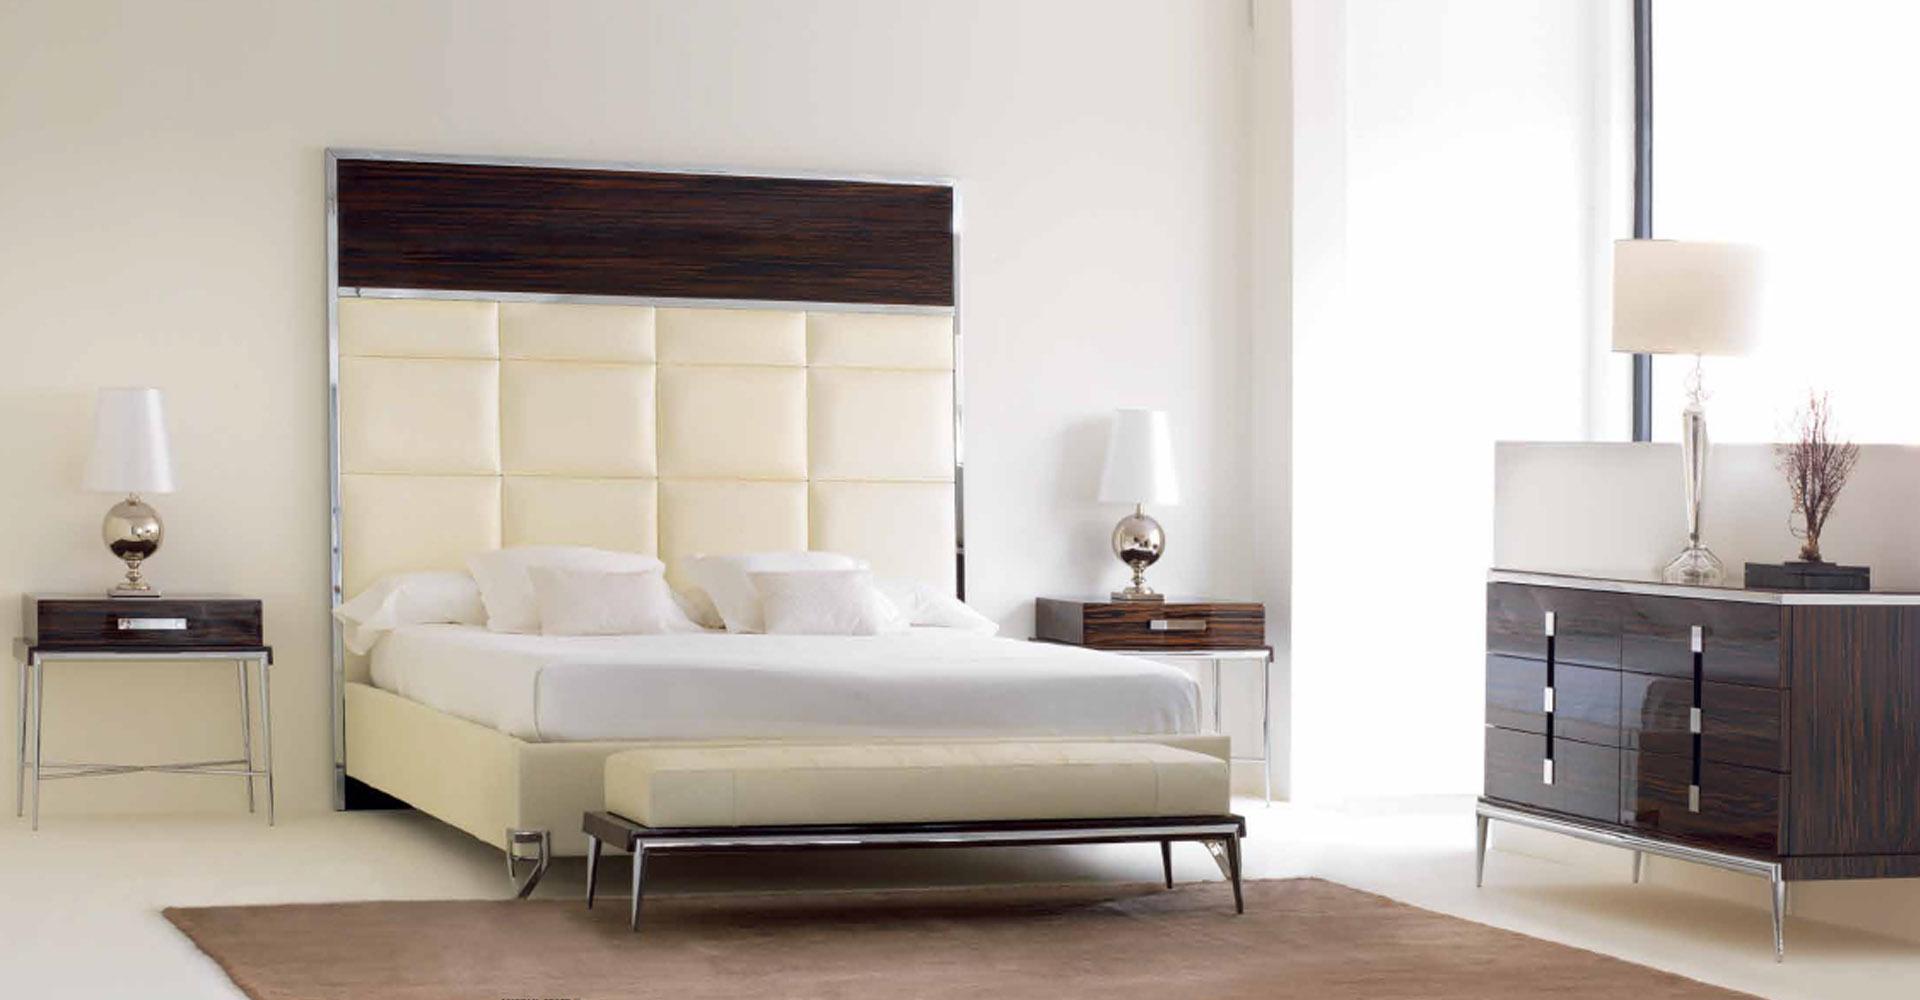 dormitorio de estilo contemporaneo (39)